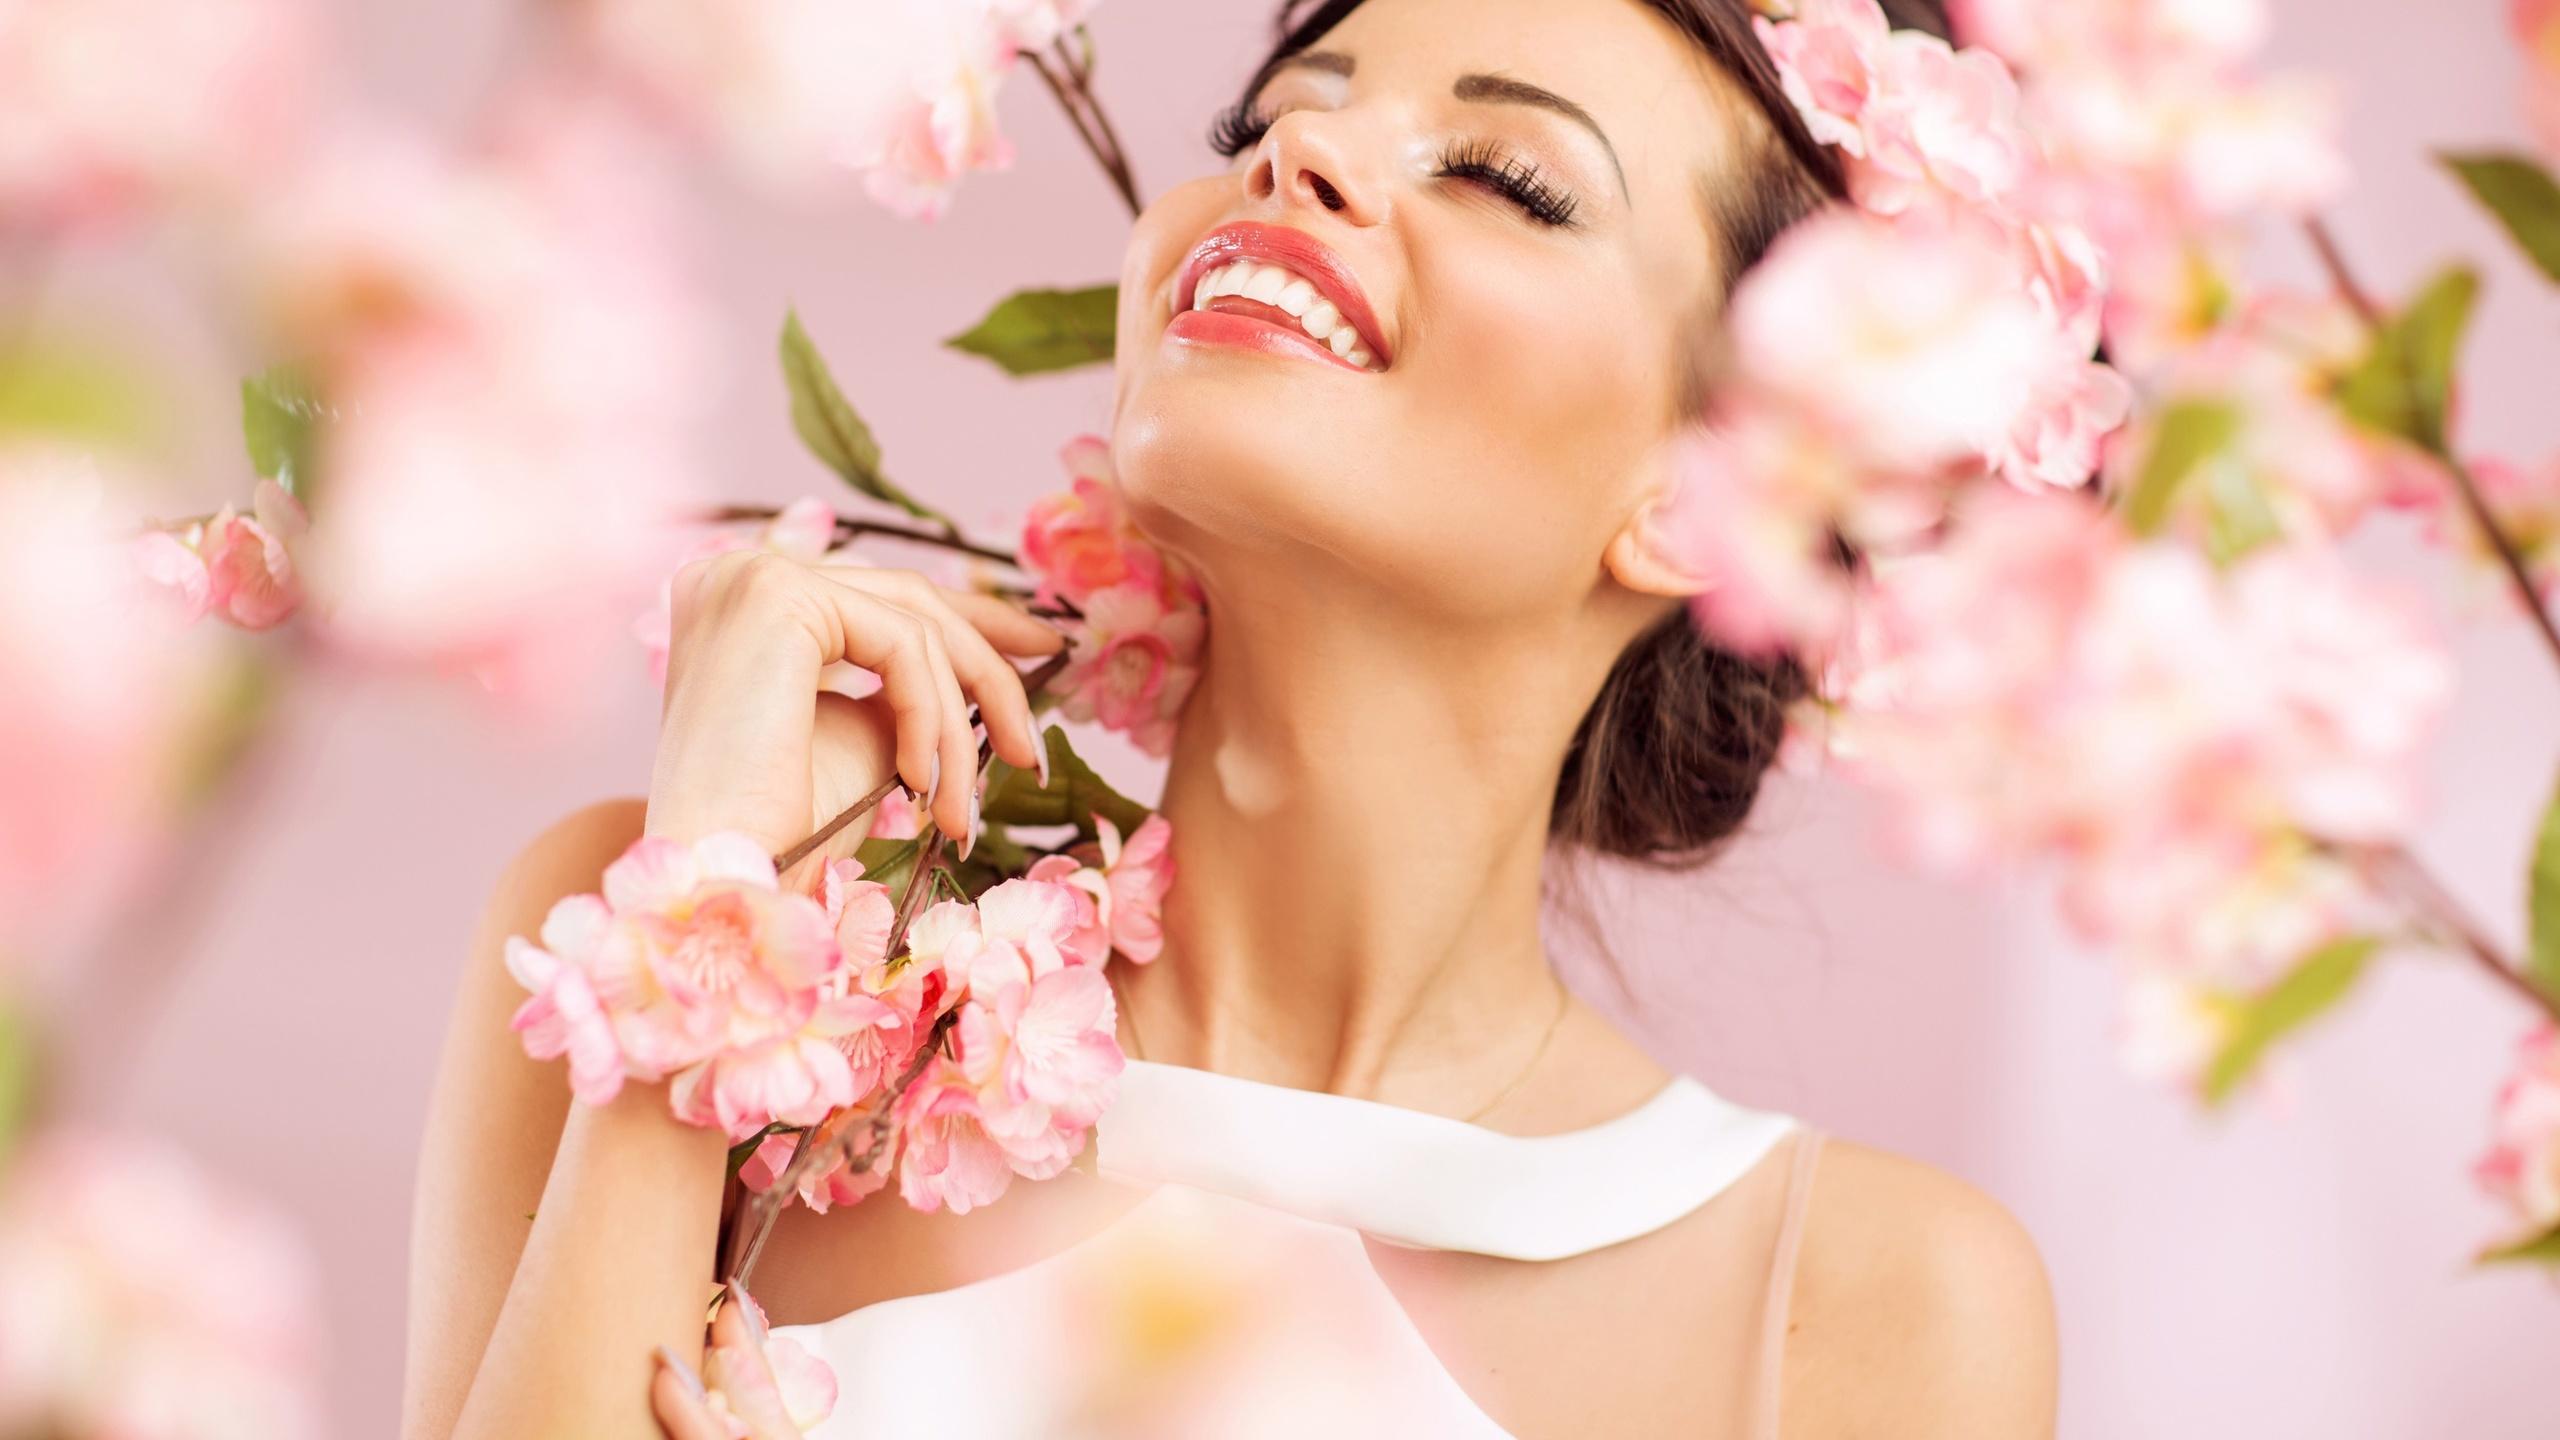 Картинка красоты и счастья